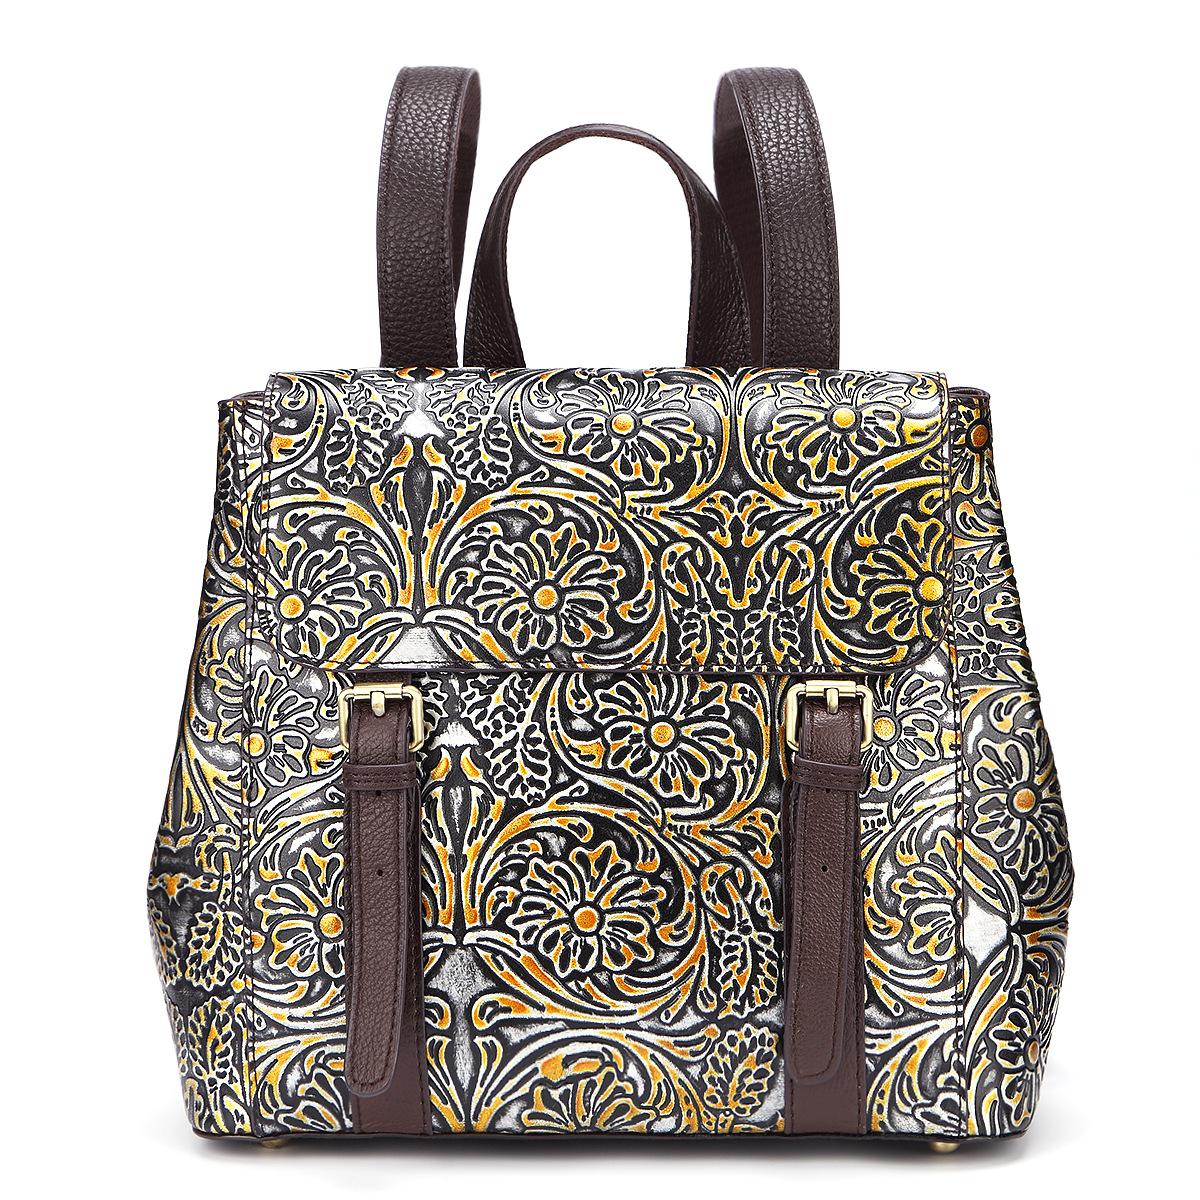 1 шт кожаный повседневный рюкзак с цветочным принтом